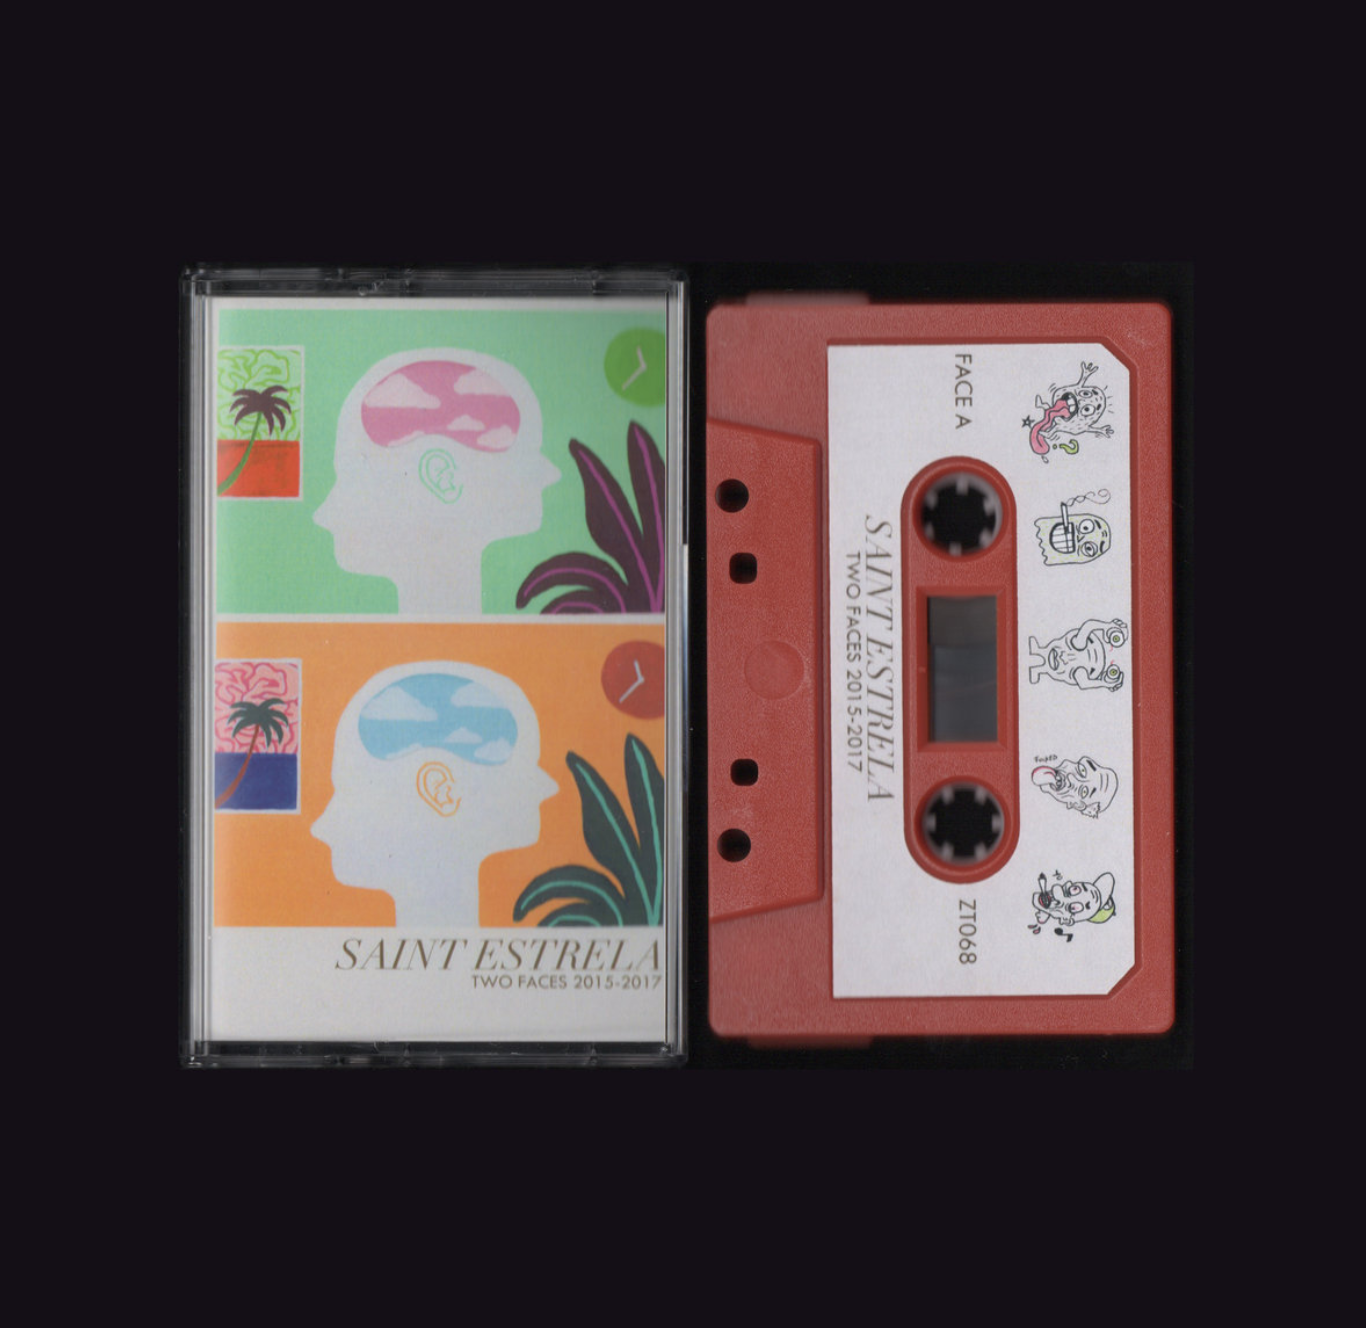 Saint Estrela - Two Faces 2015-2017 (Z Tapes)